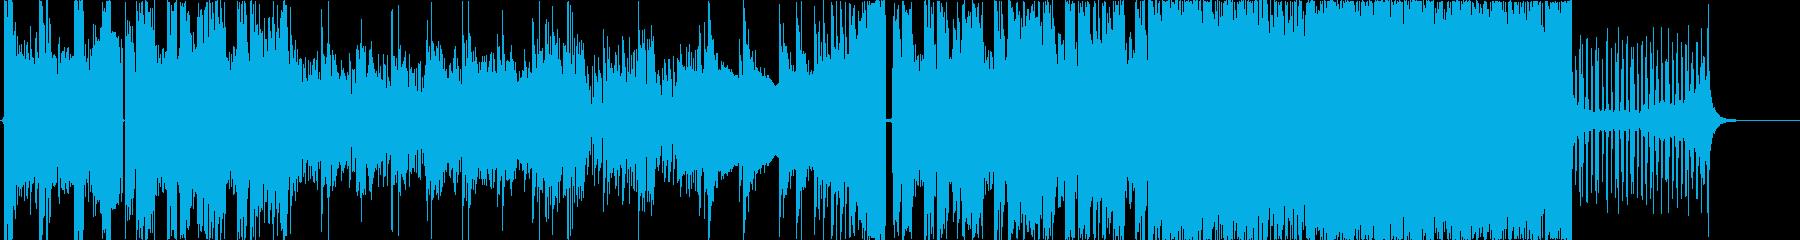 かっこ良くてクールなロックインストの再生済みの波形